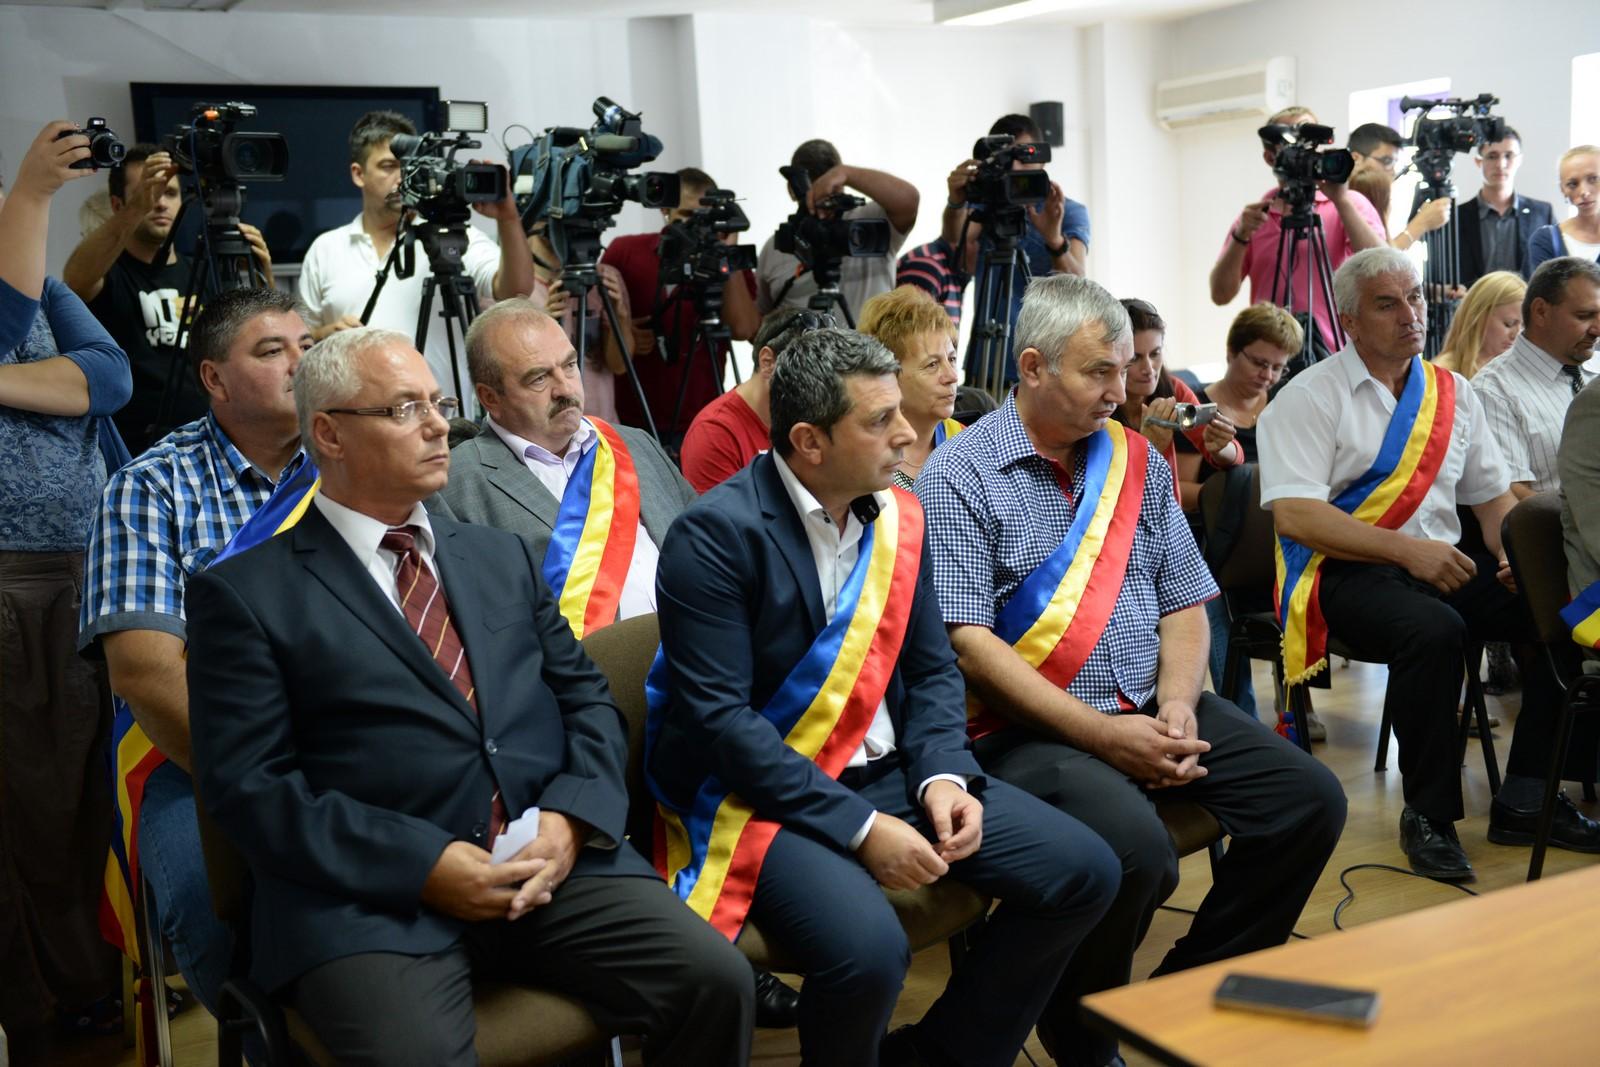 Revolta primarilor. PSD riscă să rămână fără niciun oraș în județ